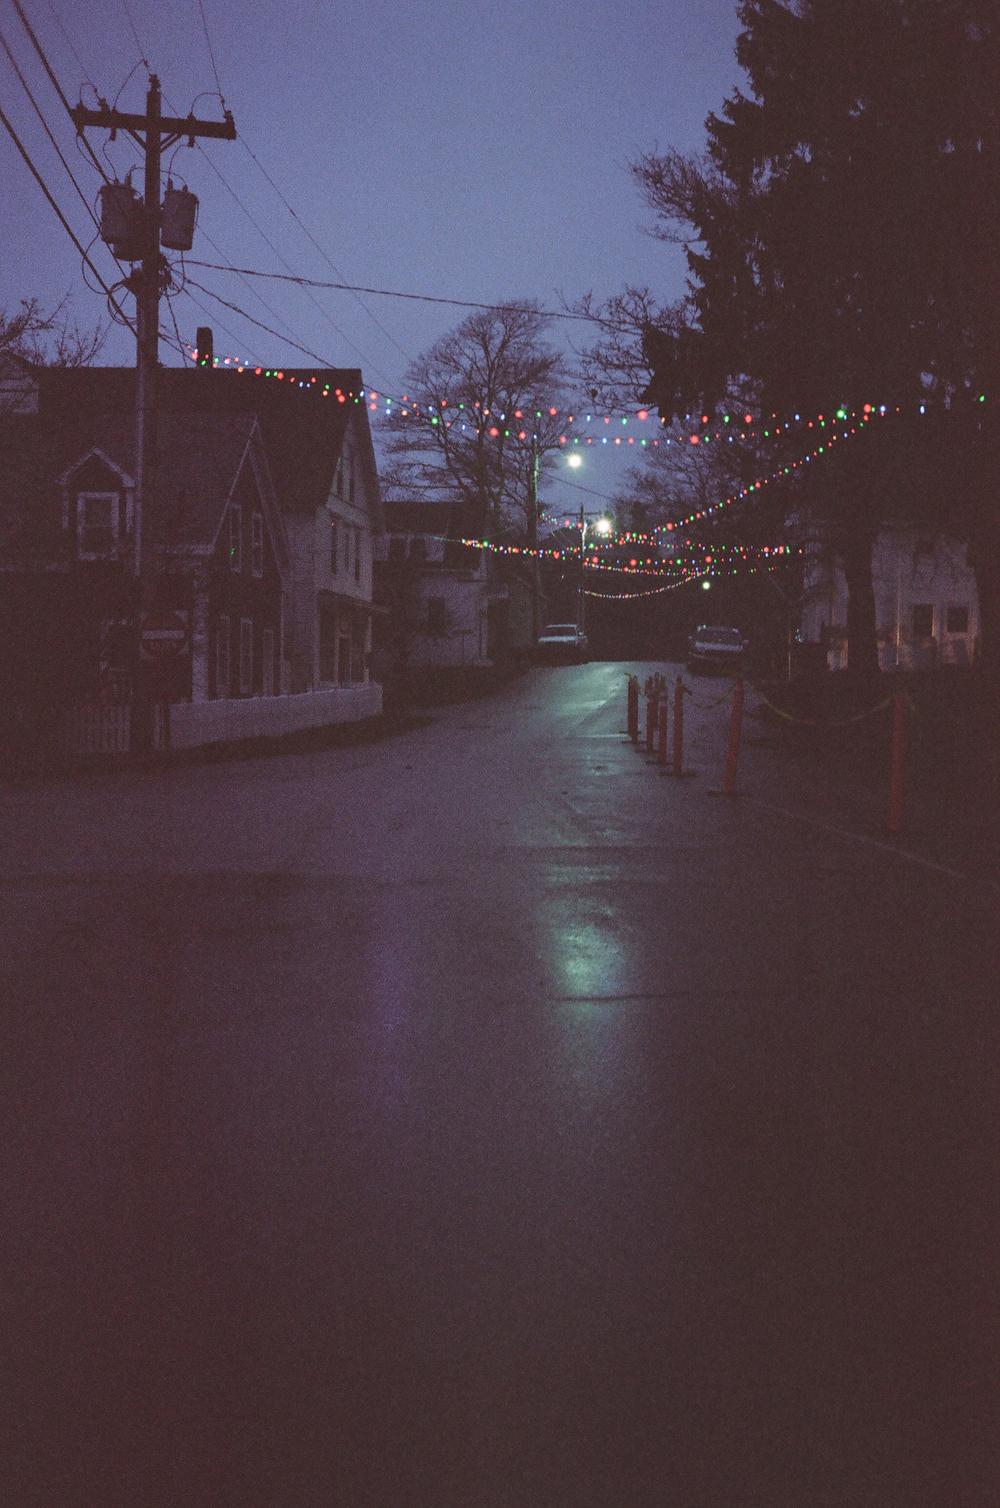 Town at Dusk